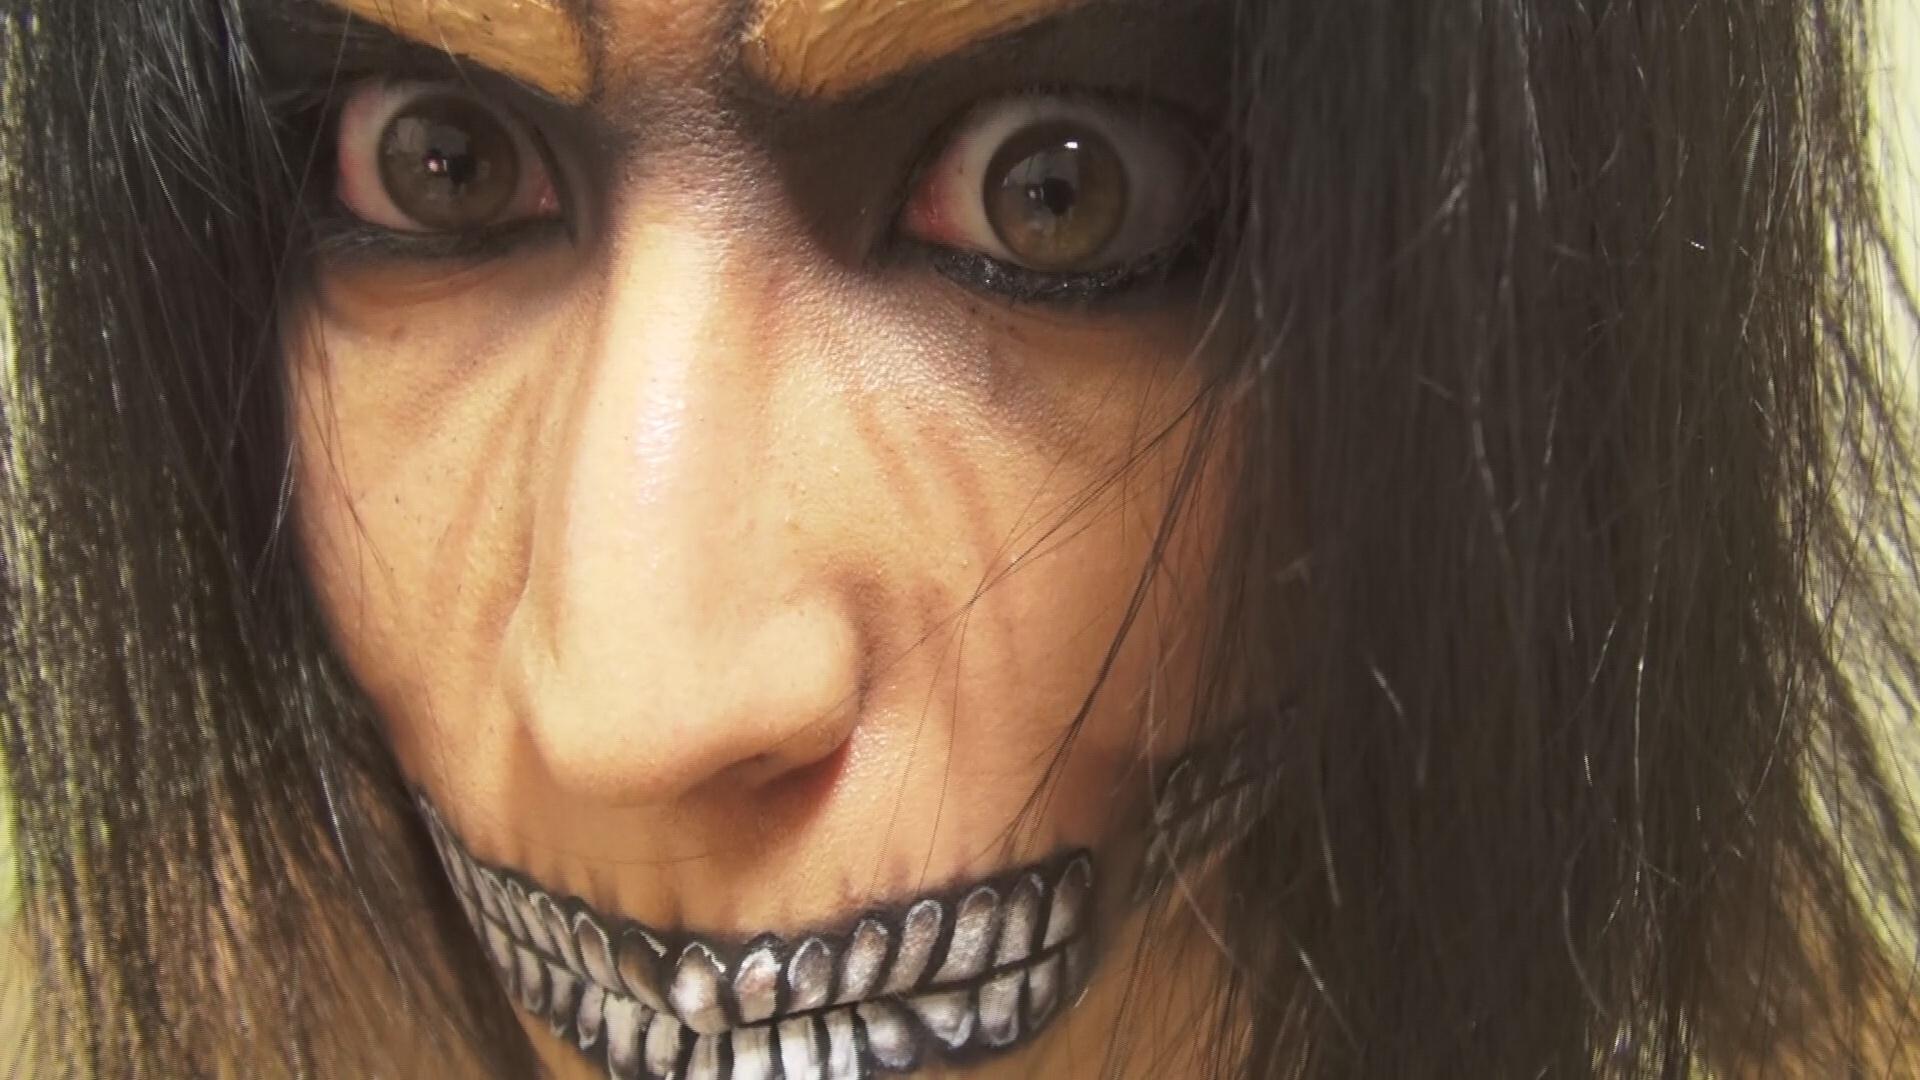 - Eren Titan Form - Makeup by KisaMake on DeviantArt